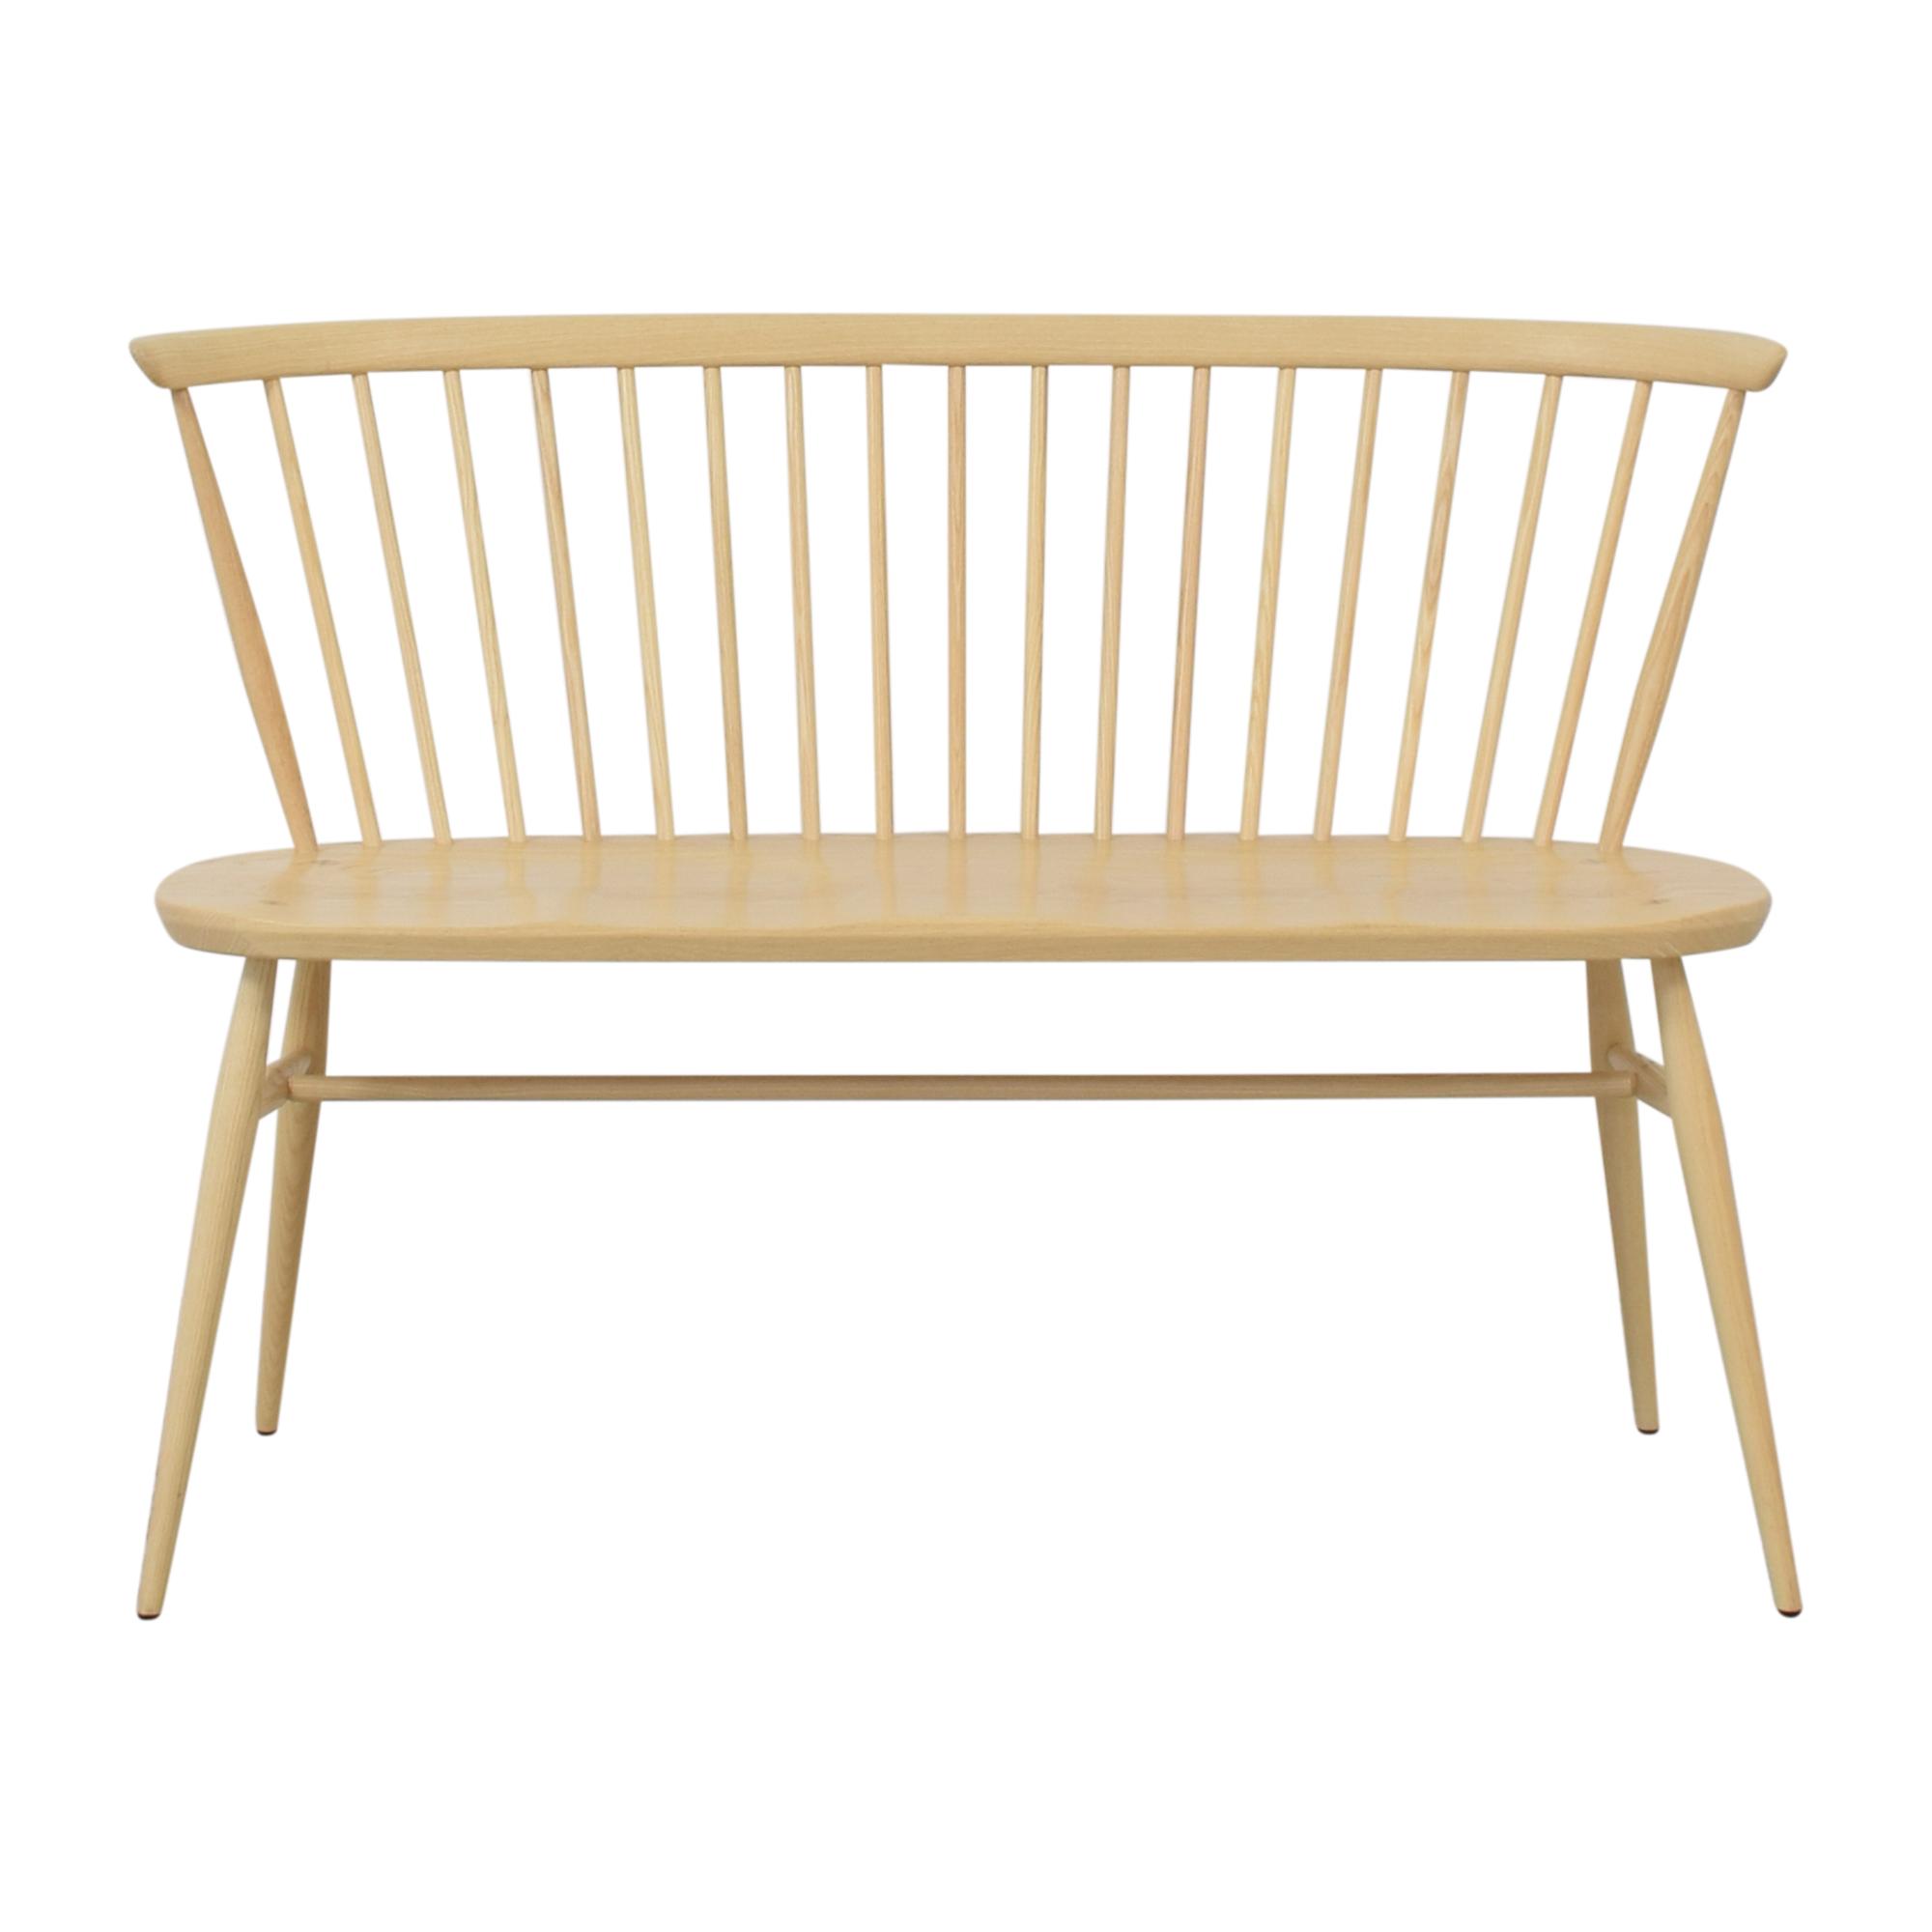 Design Within Reach Design Within Reach Originals Loveseat Bench on sale